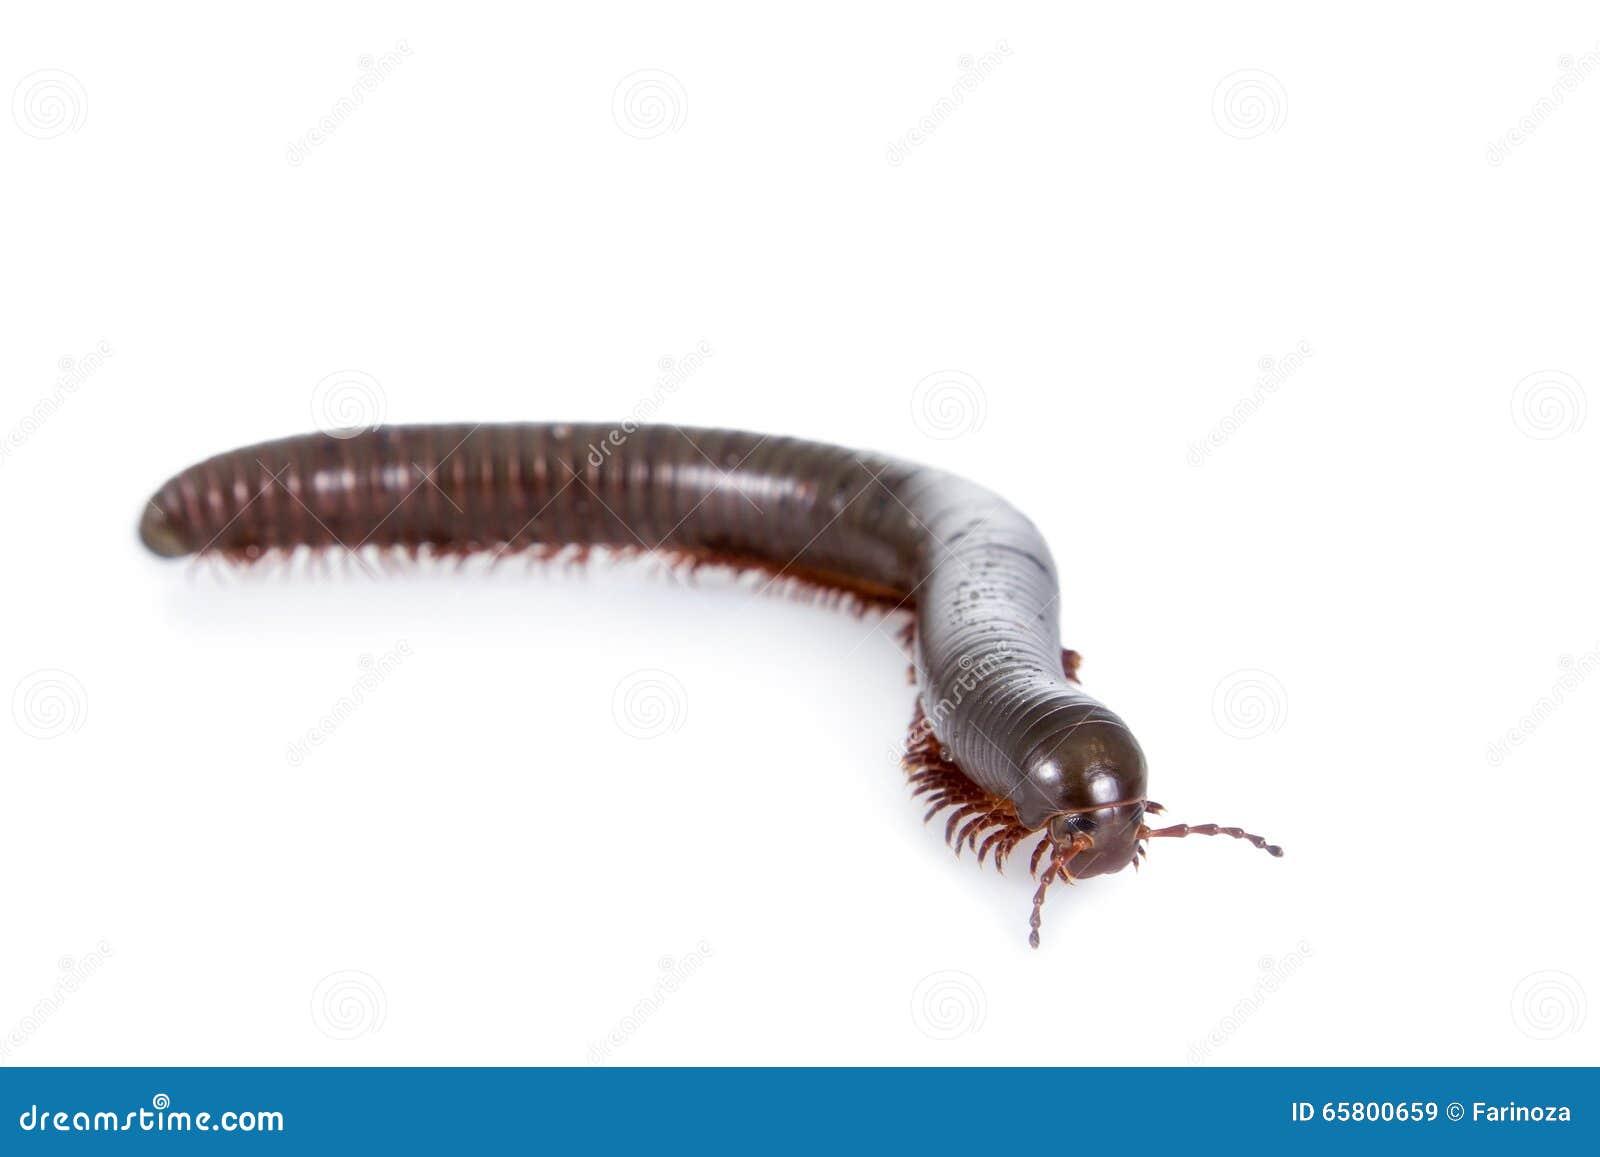 Milpiés, miriápodos en blanco